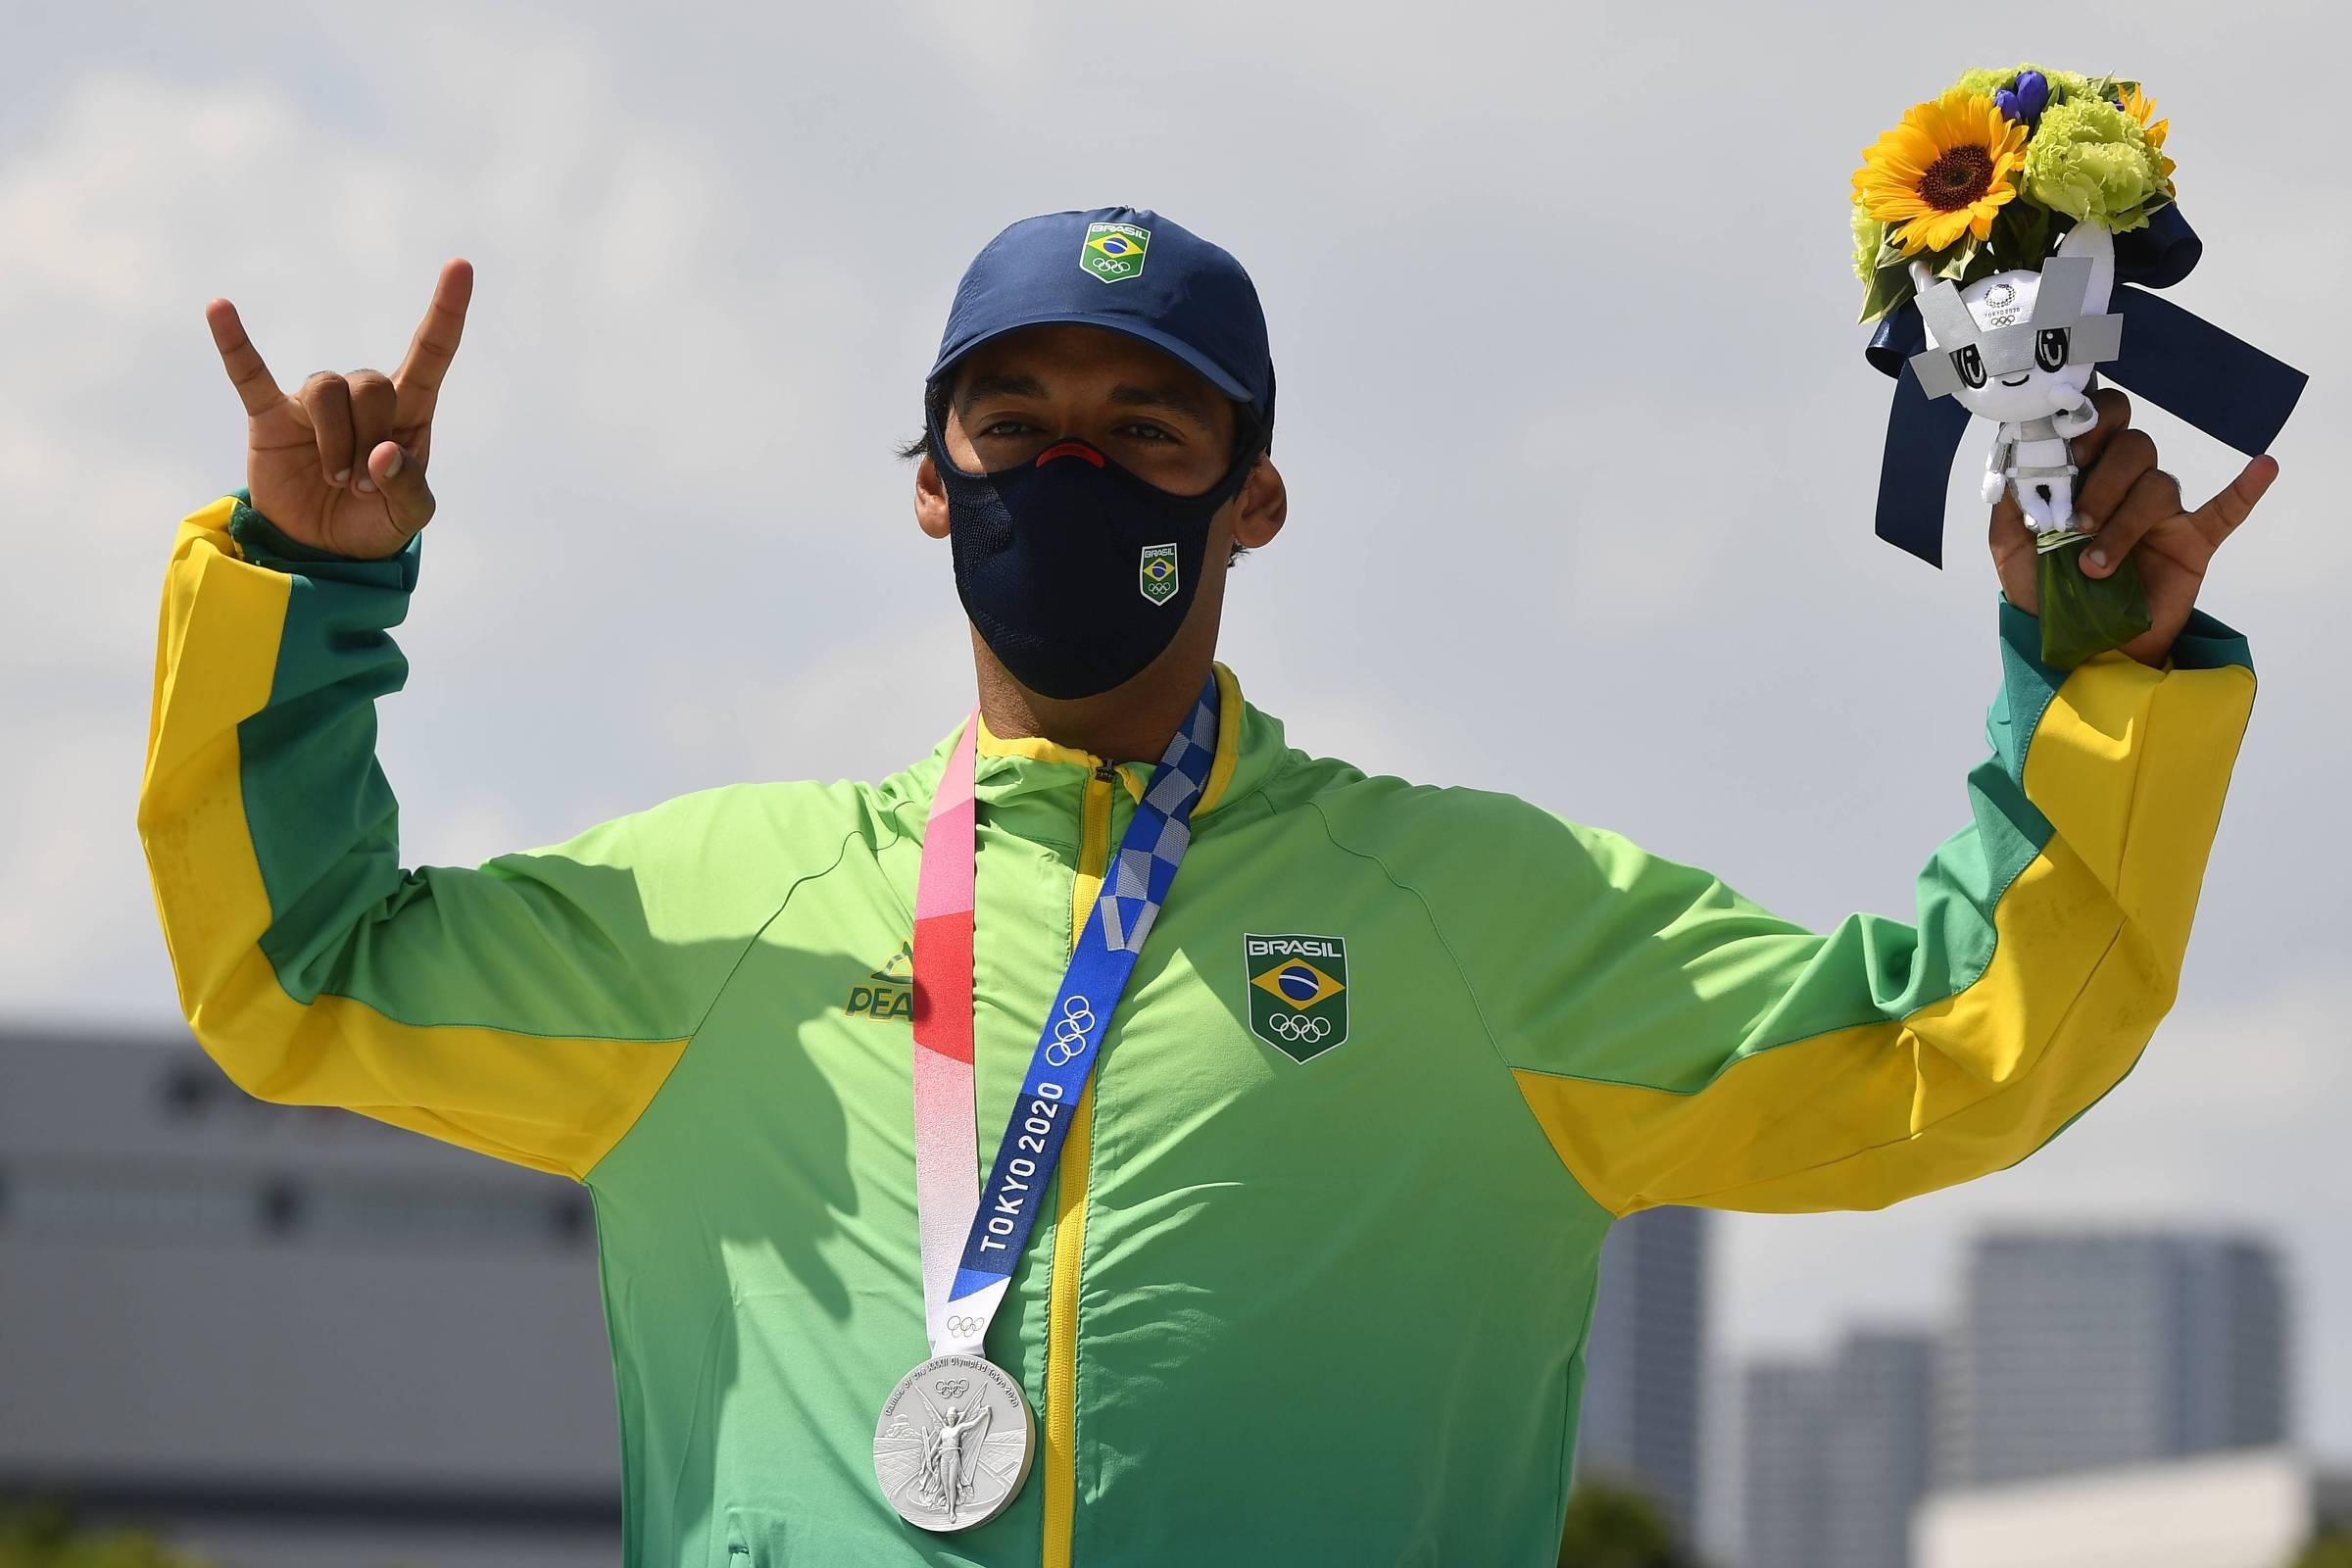 Esposa, Pamela y las redes sociales llevan a Kelvin a la plata en skate en los Juegos Olímpicos – 25/07/2021 – Sport / Brasil